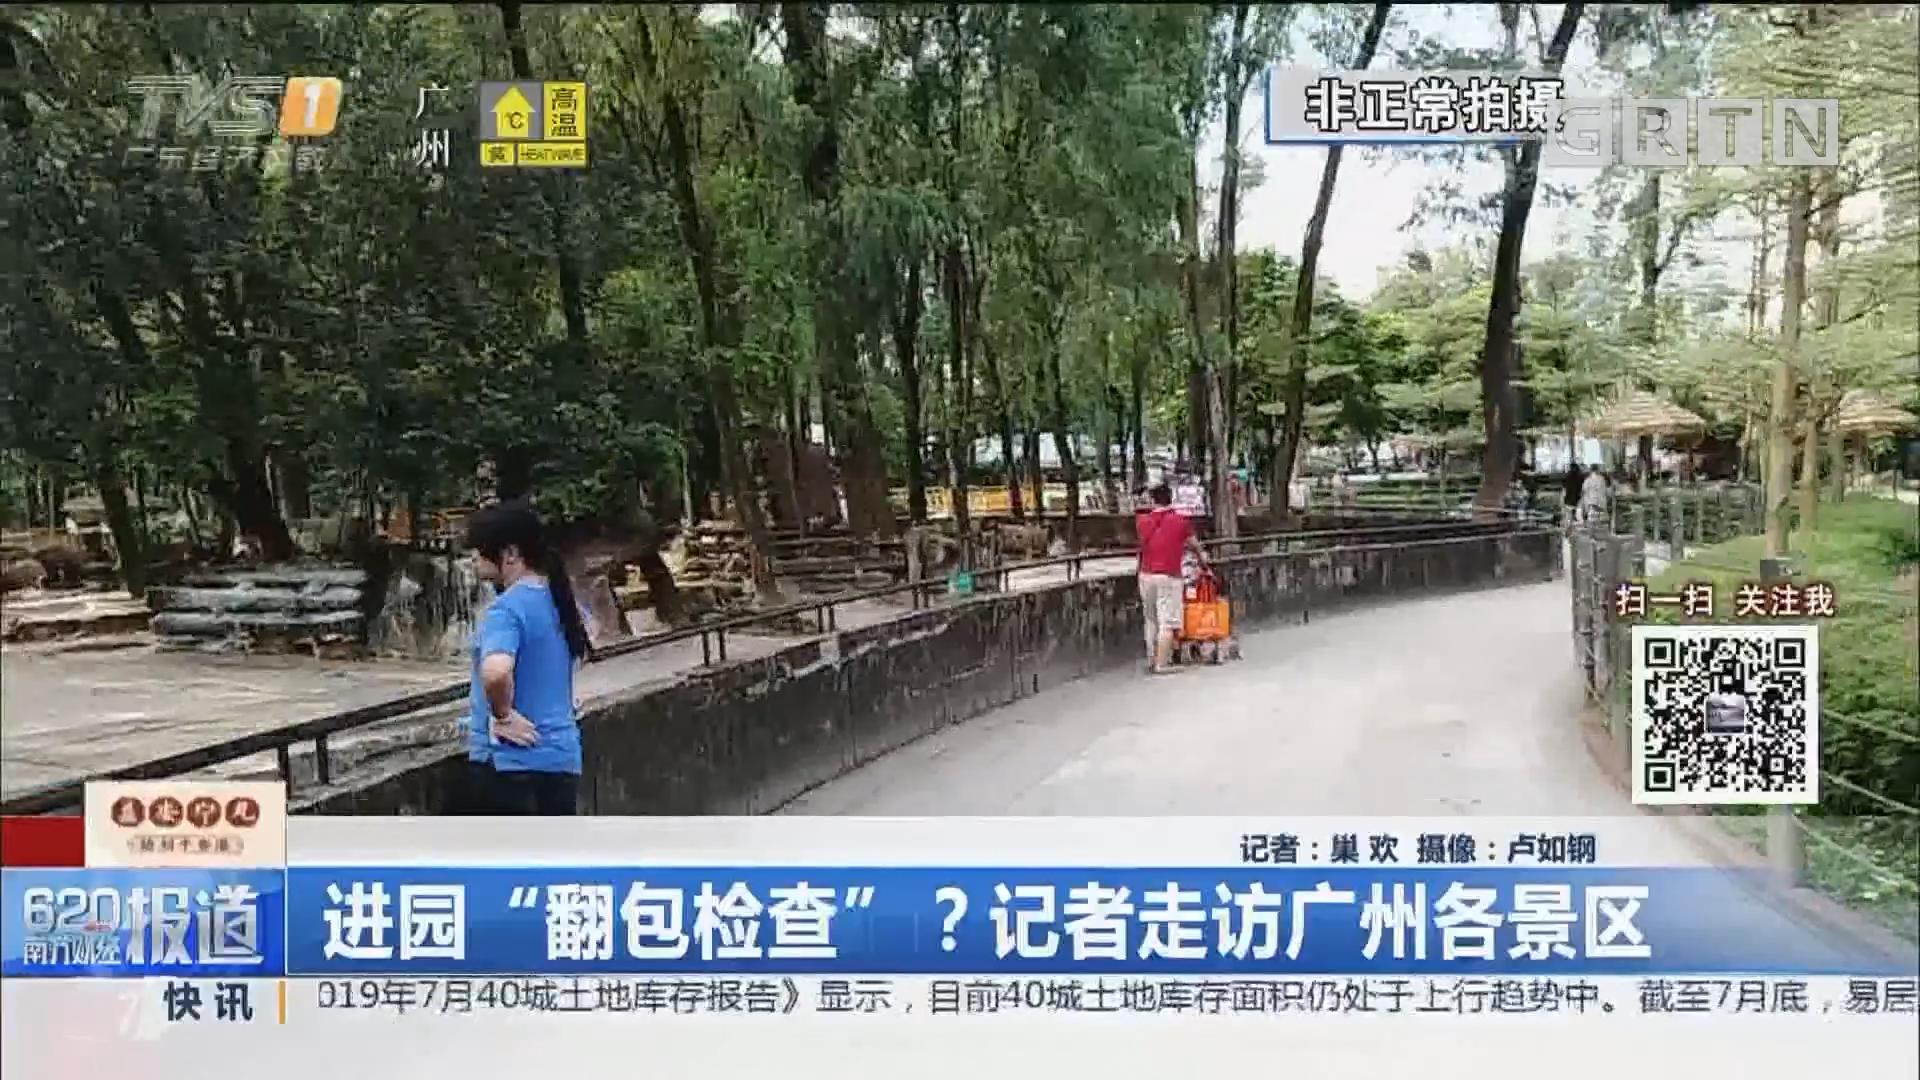 """进园""""翻包检查""""?记者走访广州各景区"""